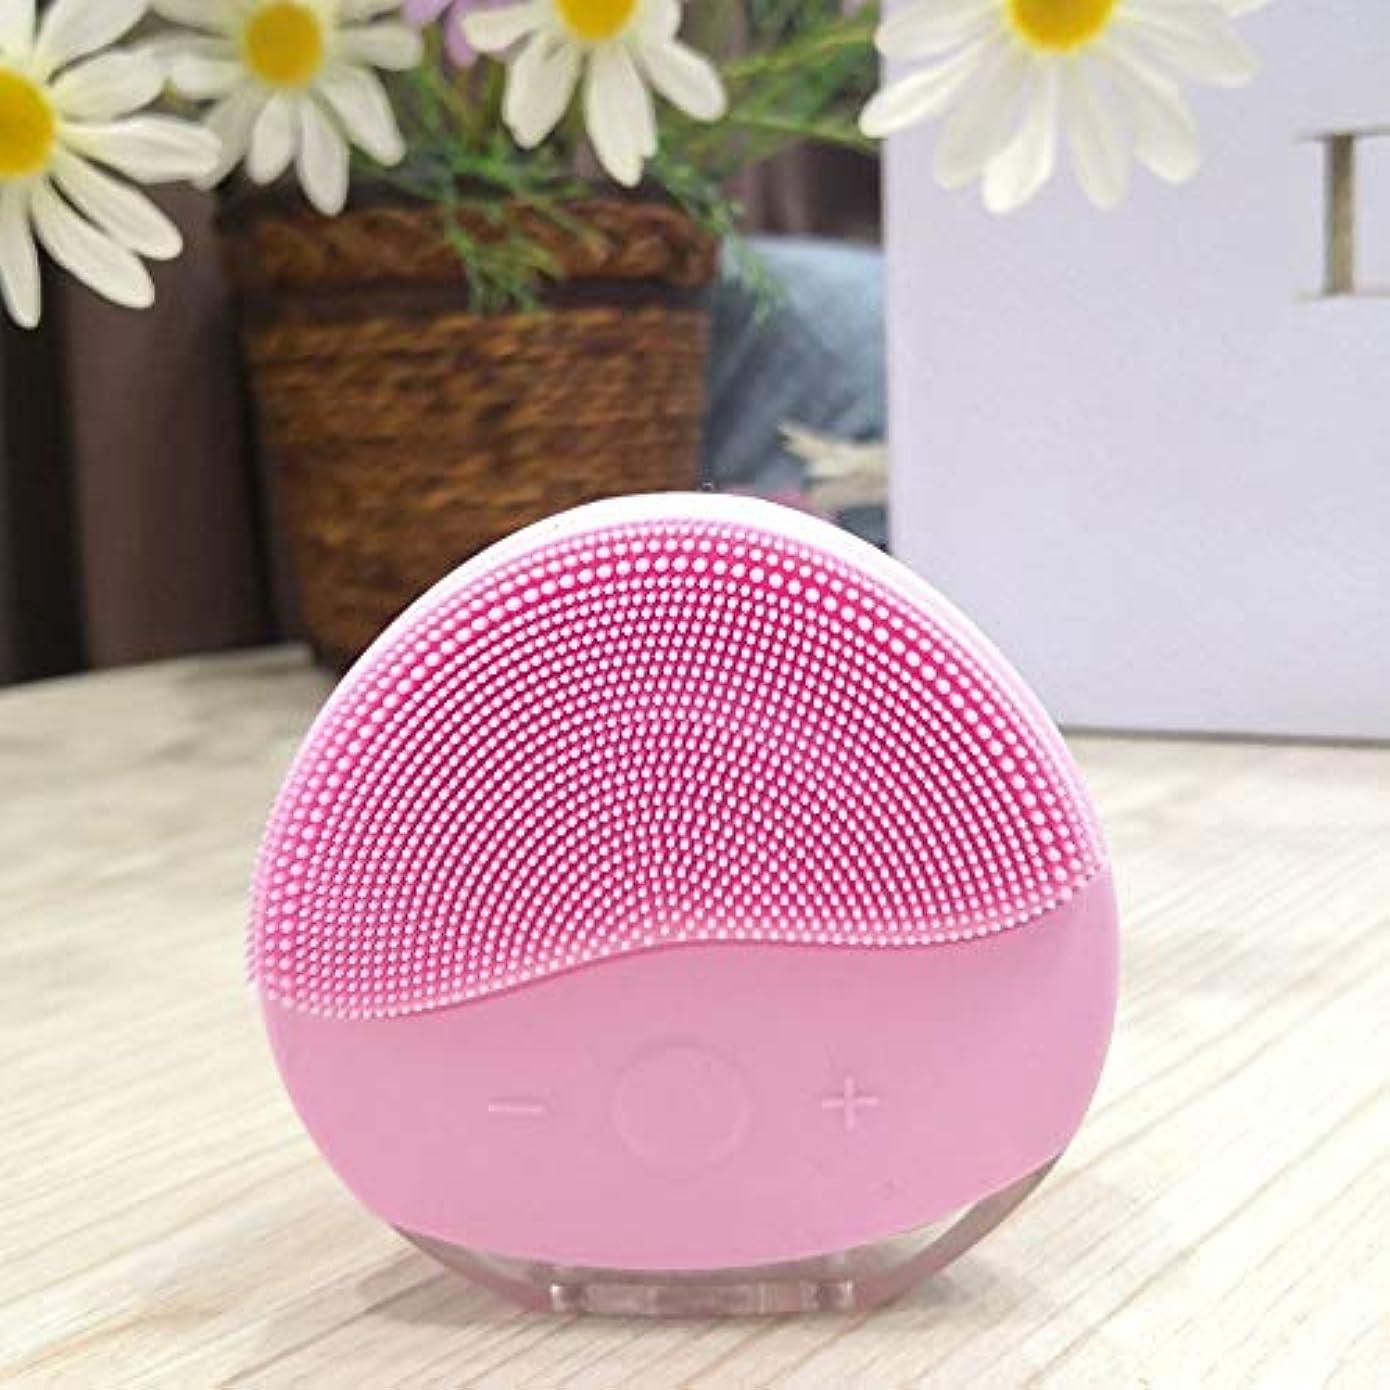 バインド匹敵しますブレースLYX 新エレクトリッククレンジング器、超音波防水多機能洗顔、ソニックシリコーン電気洗浄ブラシのUSB充電&防水女性ティーンガールメイクウォッシュ (Color : ピンク)